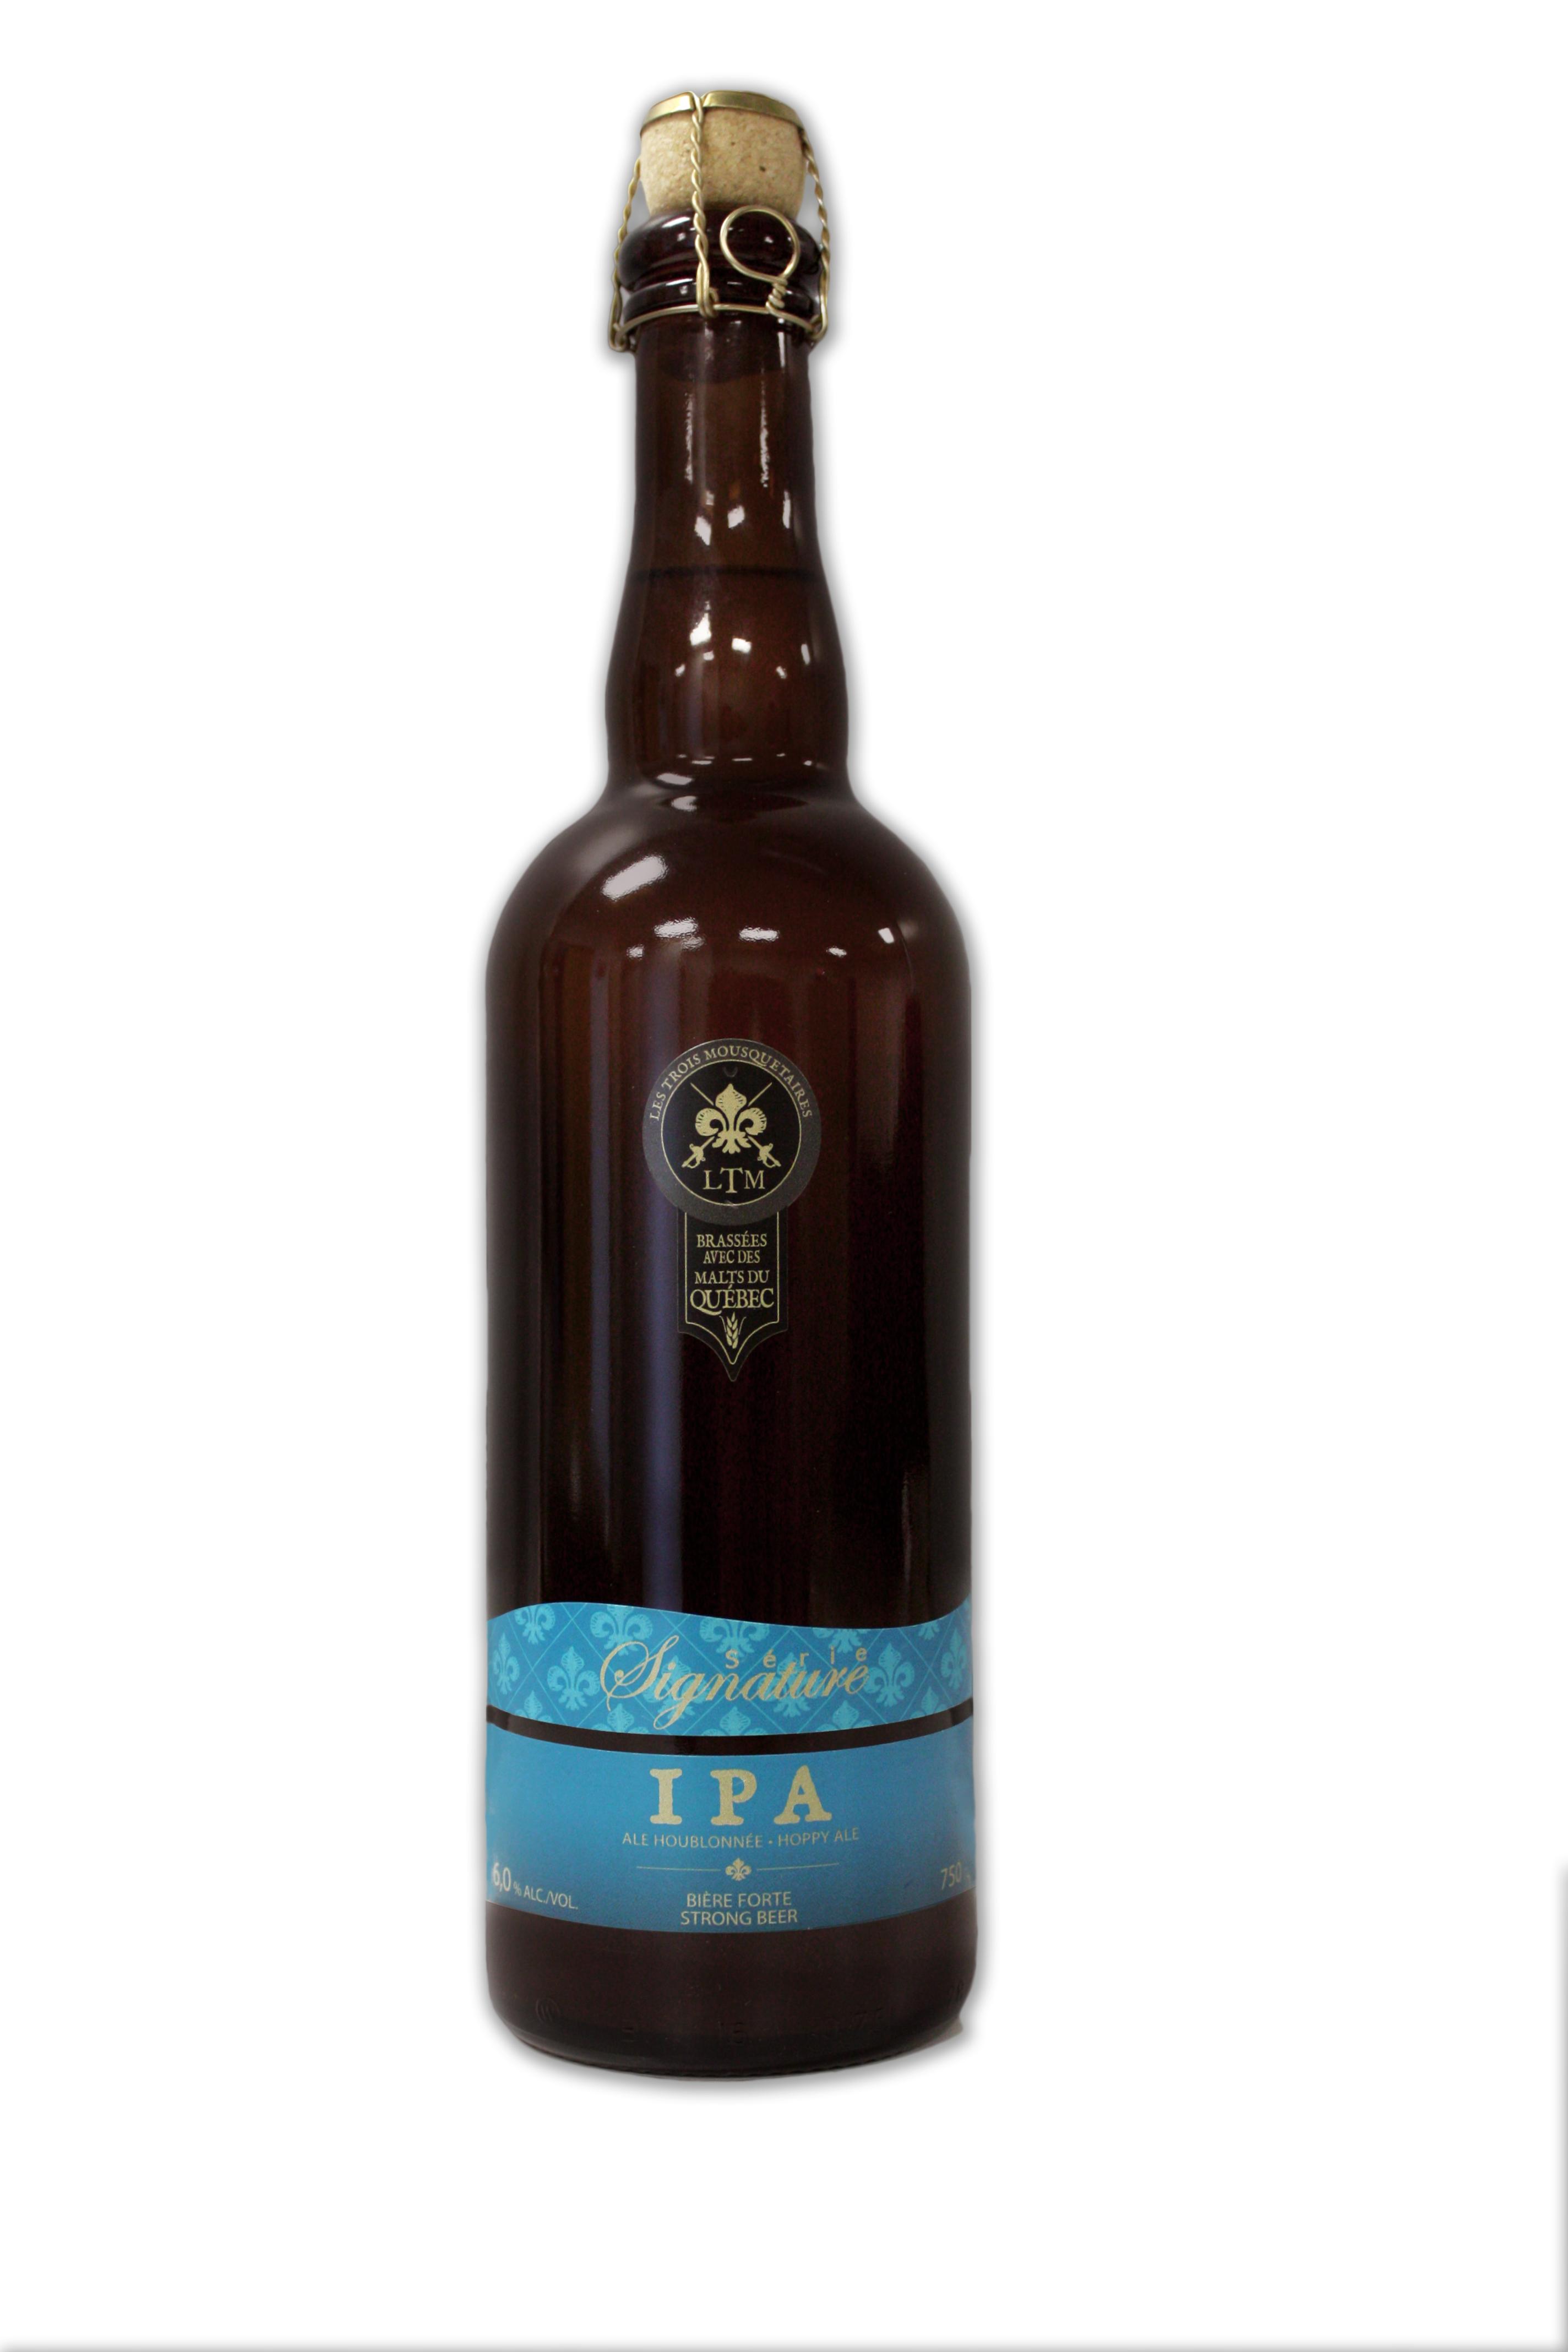 Première distribution de la IPA ... en bouteilles!